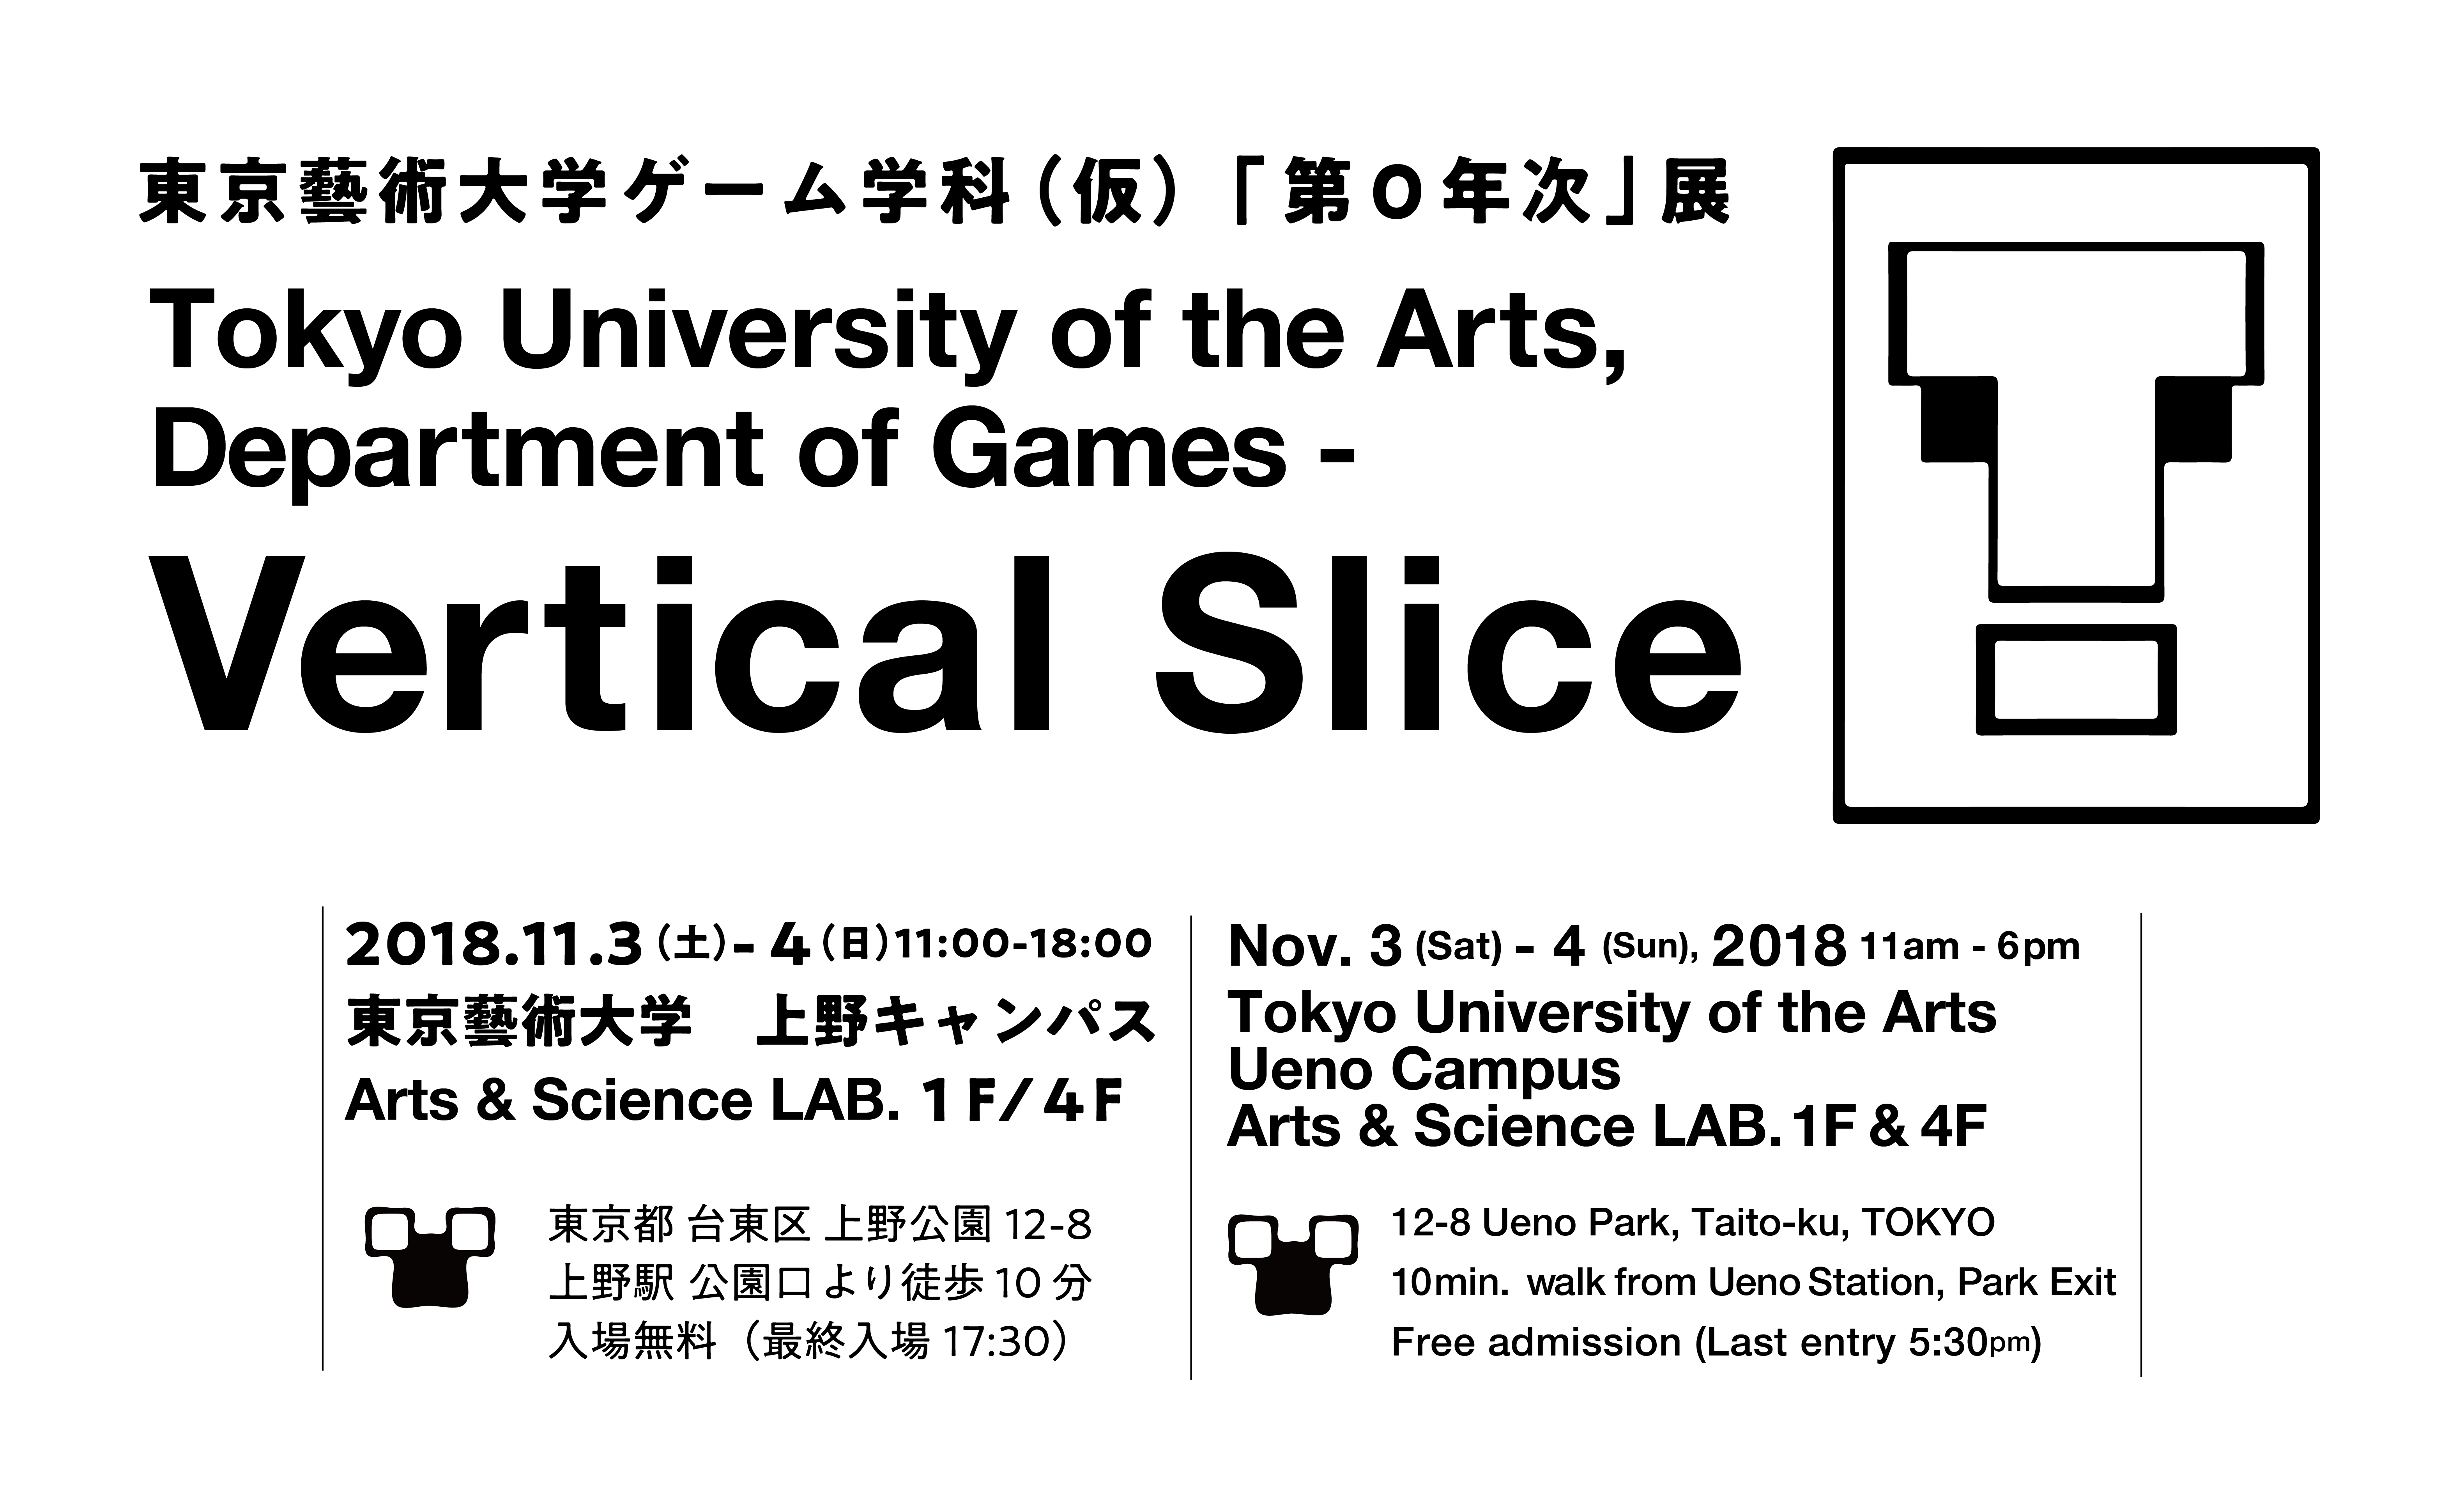 東京藝術大学ゲーム学科(仮) 「第0年次」展 が開催されます。